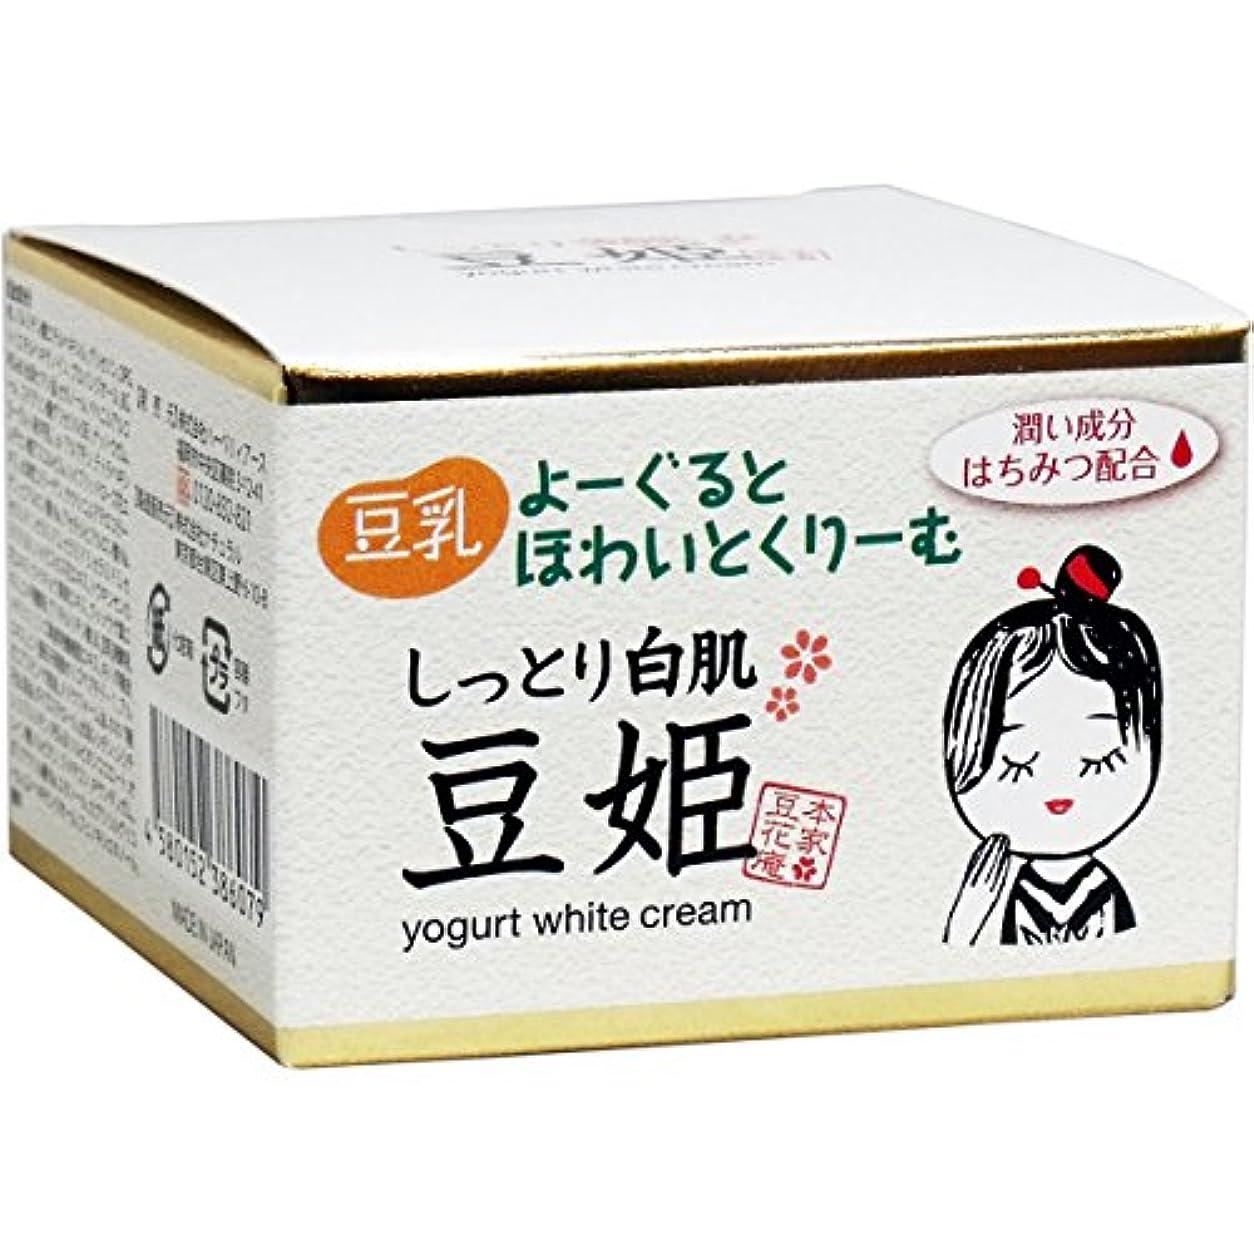 有名楕円形スタック豆乳ヨーグルトホワイトクリーム (TYホワイトジェルクリーム 90g)